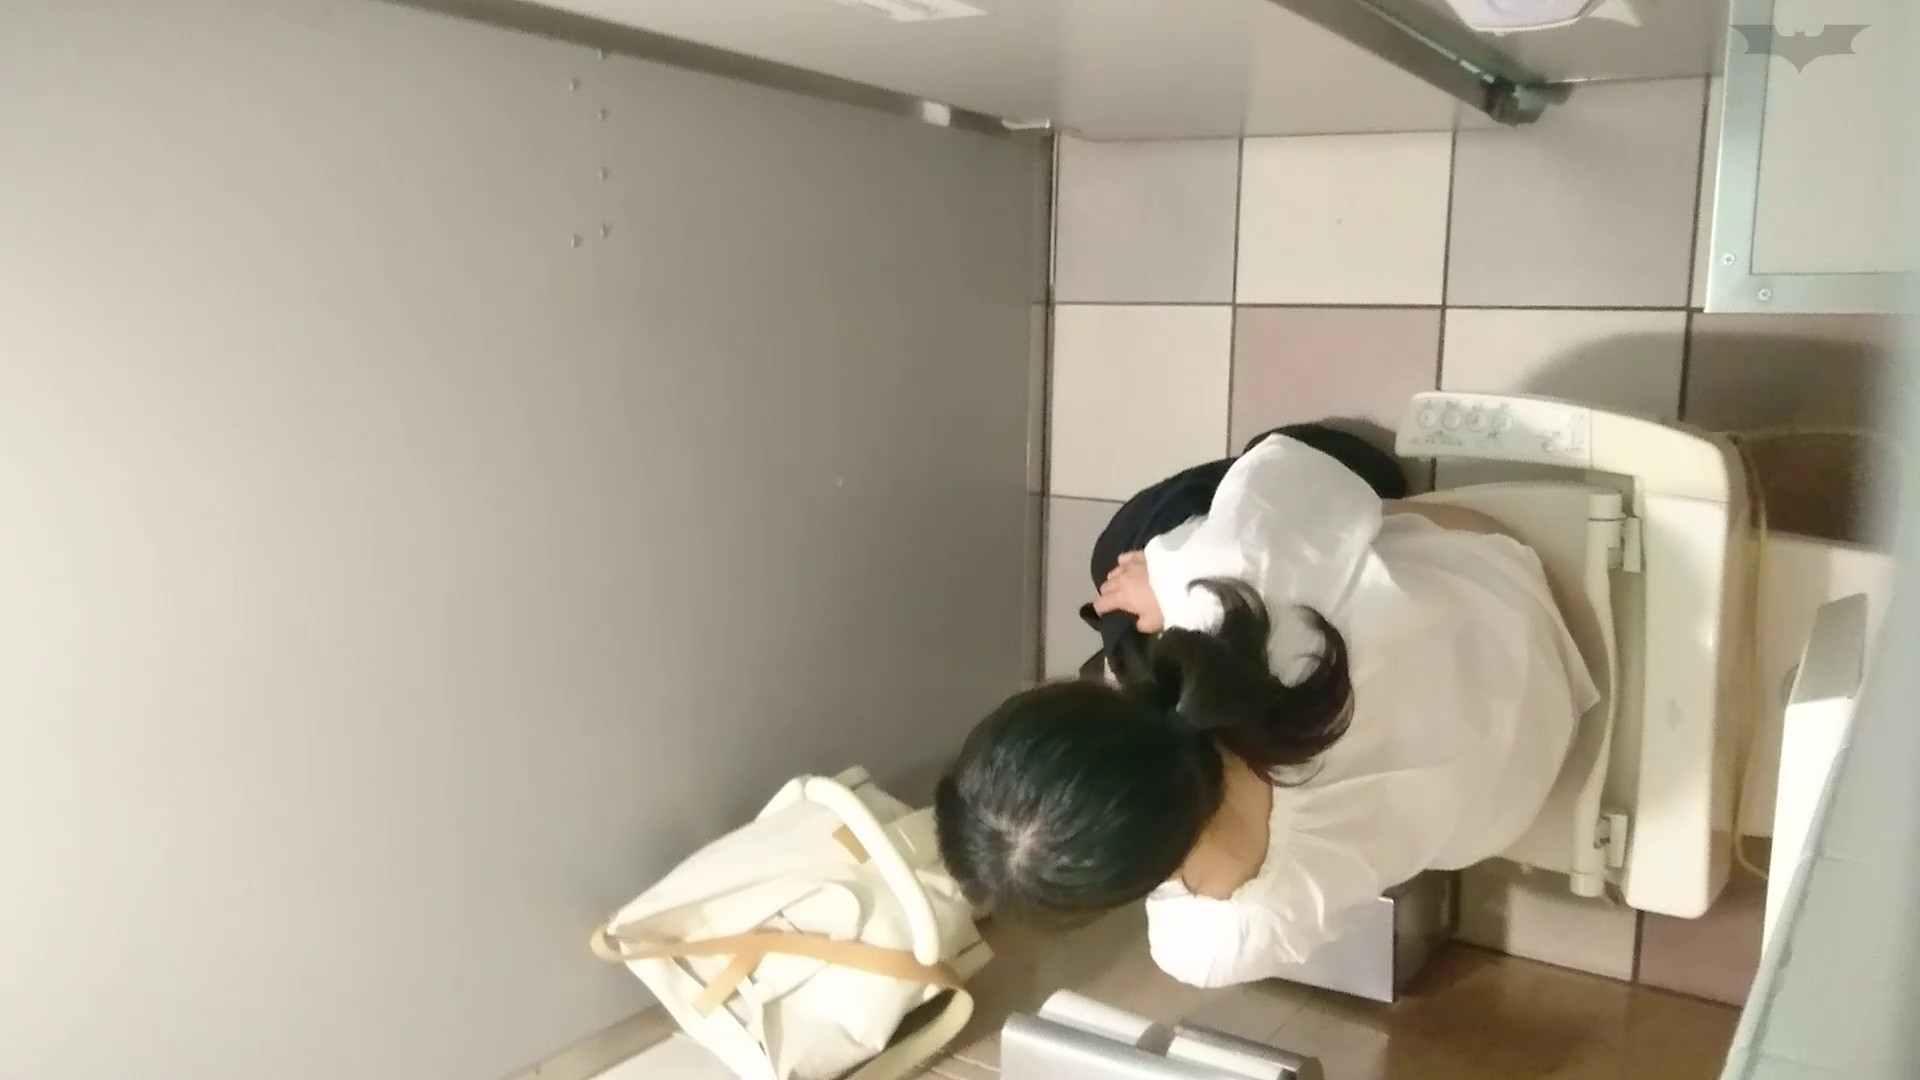 化粧室絵巻 ショッピングモール編 VOL.22 OL | 0  79連発 2